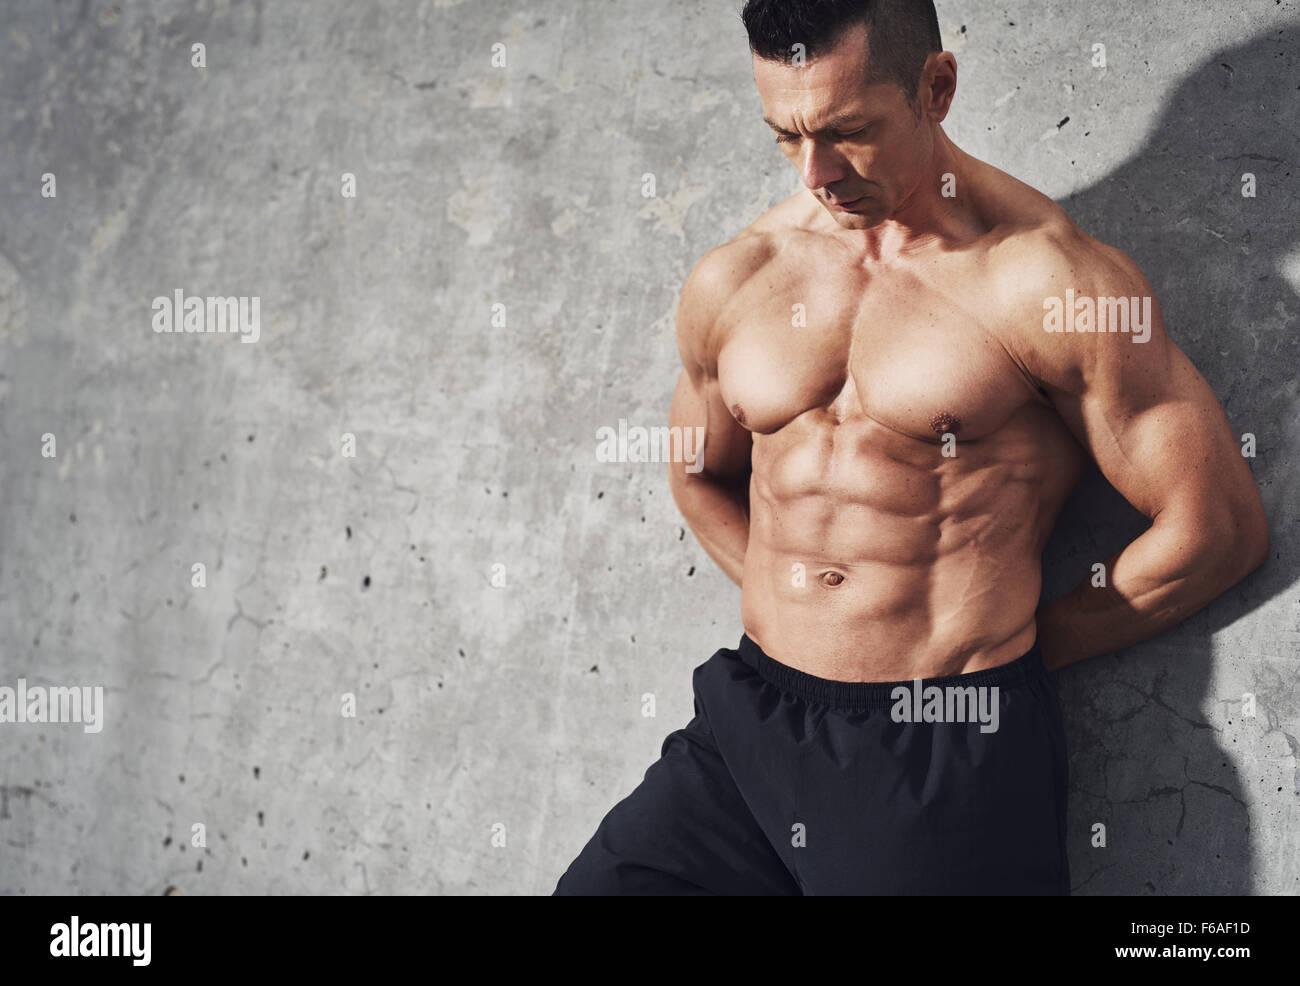 Close up image de l'homme en short se détendre après entraînement sur fond gris. Corps de l'homme Photo Stock